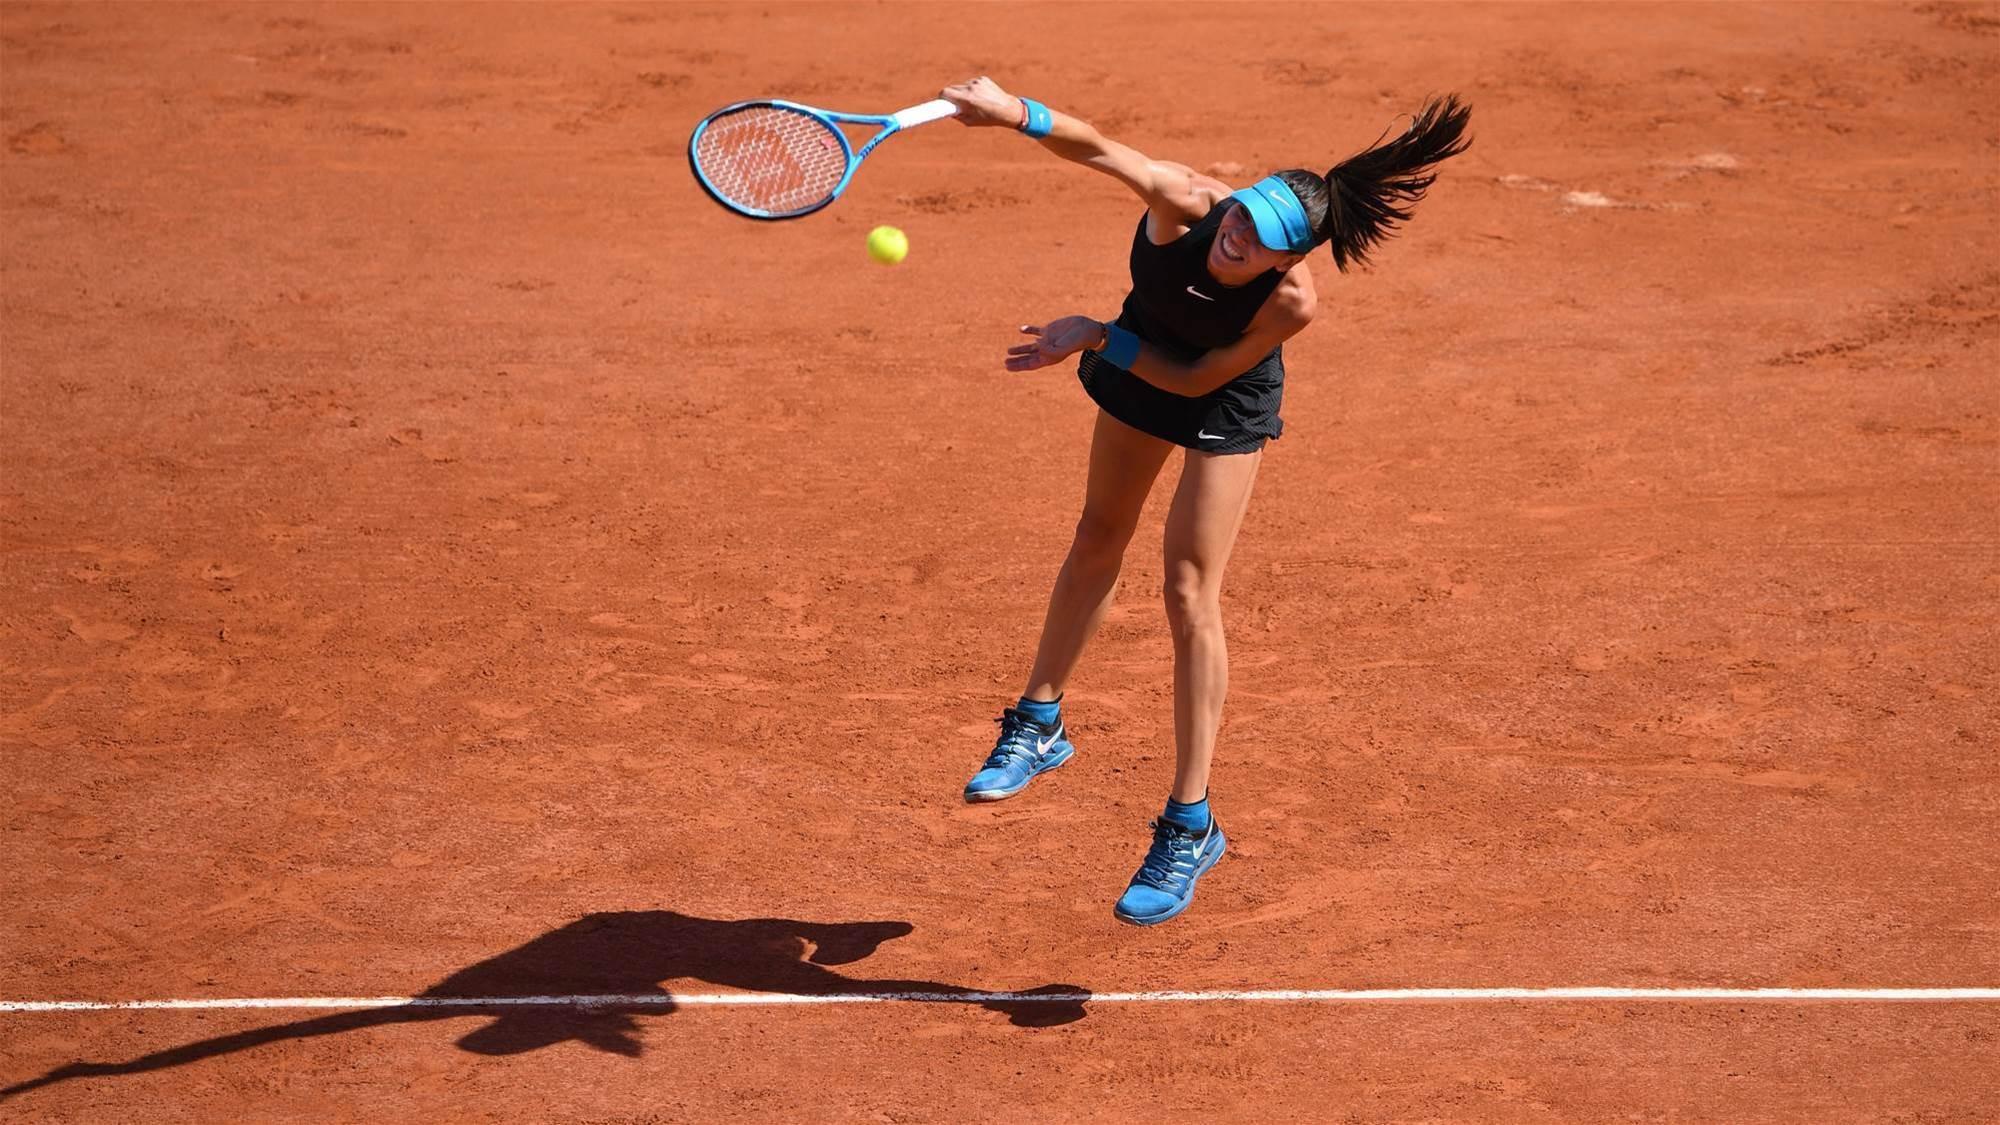 Tomljanovic falls in French Open